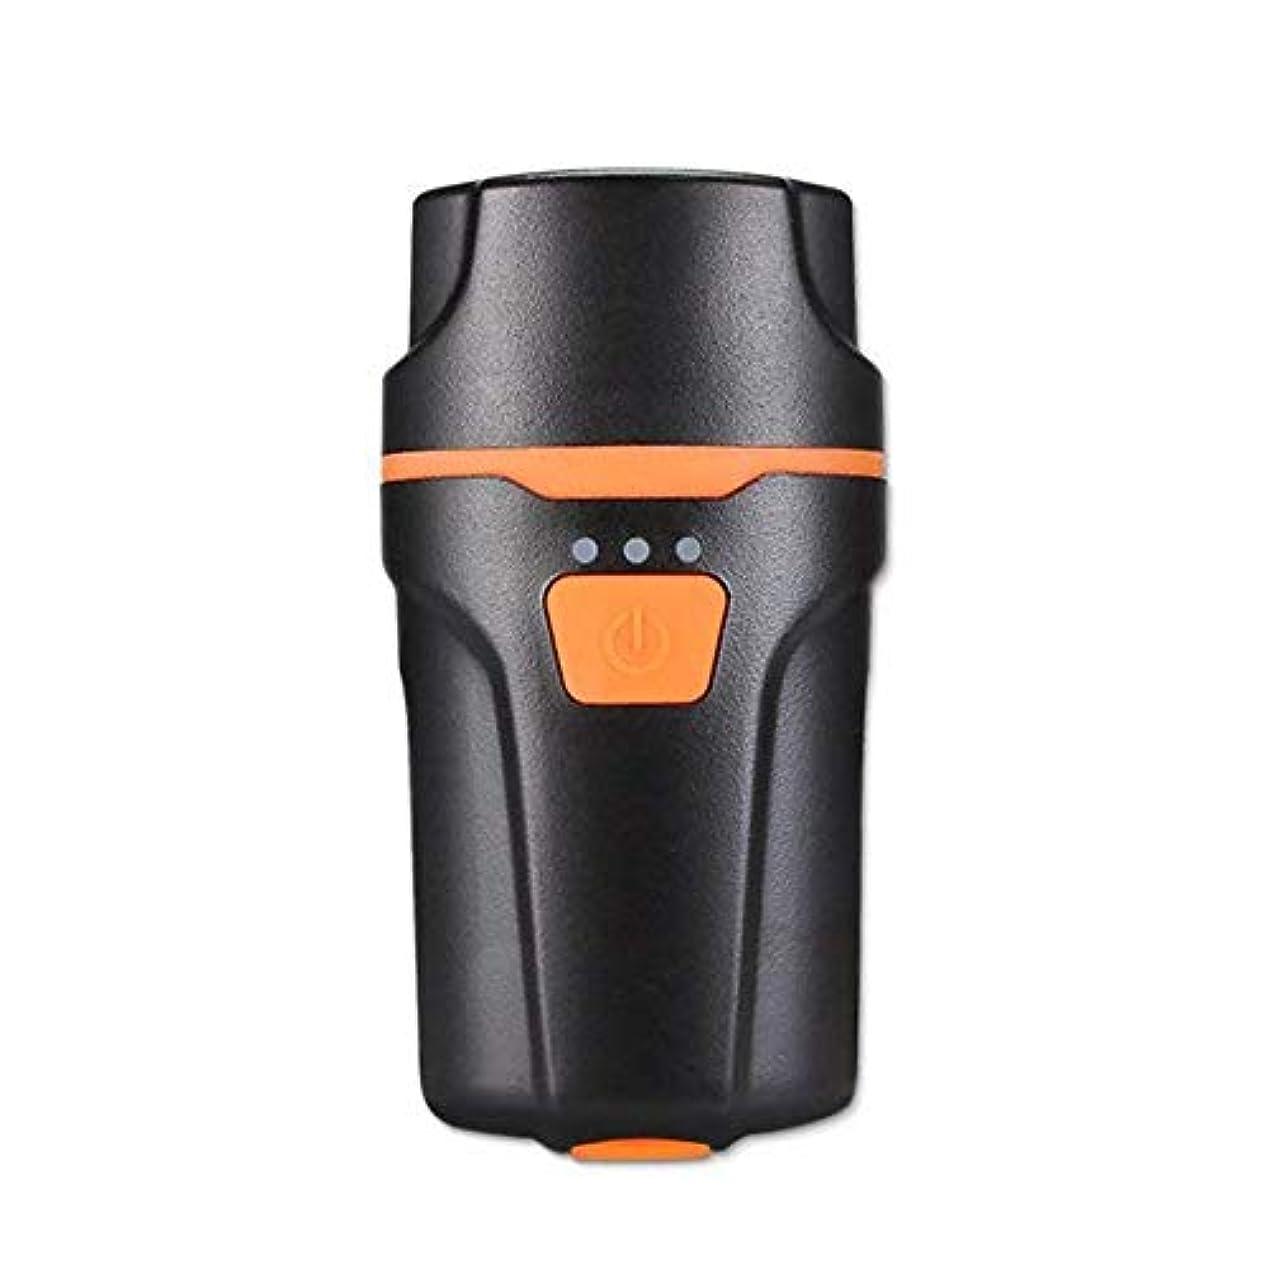 動脈枯れる場合SOOGGI 自転車ライト ヘッドライト USB充電式 高輝度 1200mah IP64防水 防災フロント用 懐中電灯兼用 取り付け簡単 多用途 150メートル以上照射